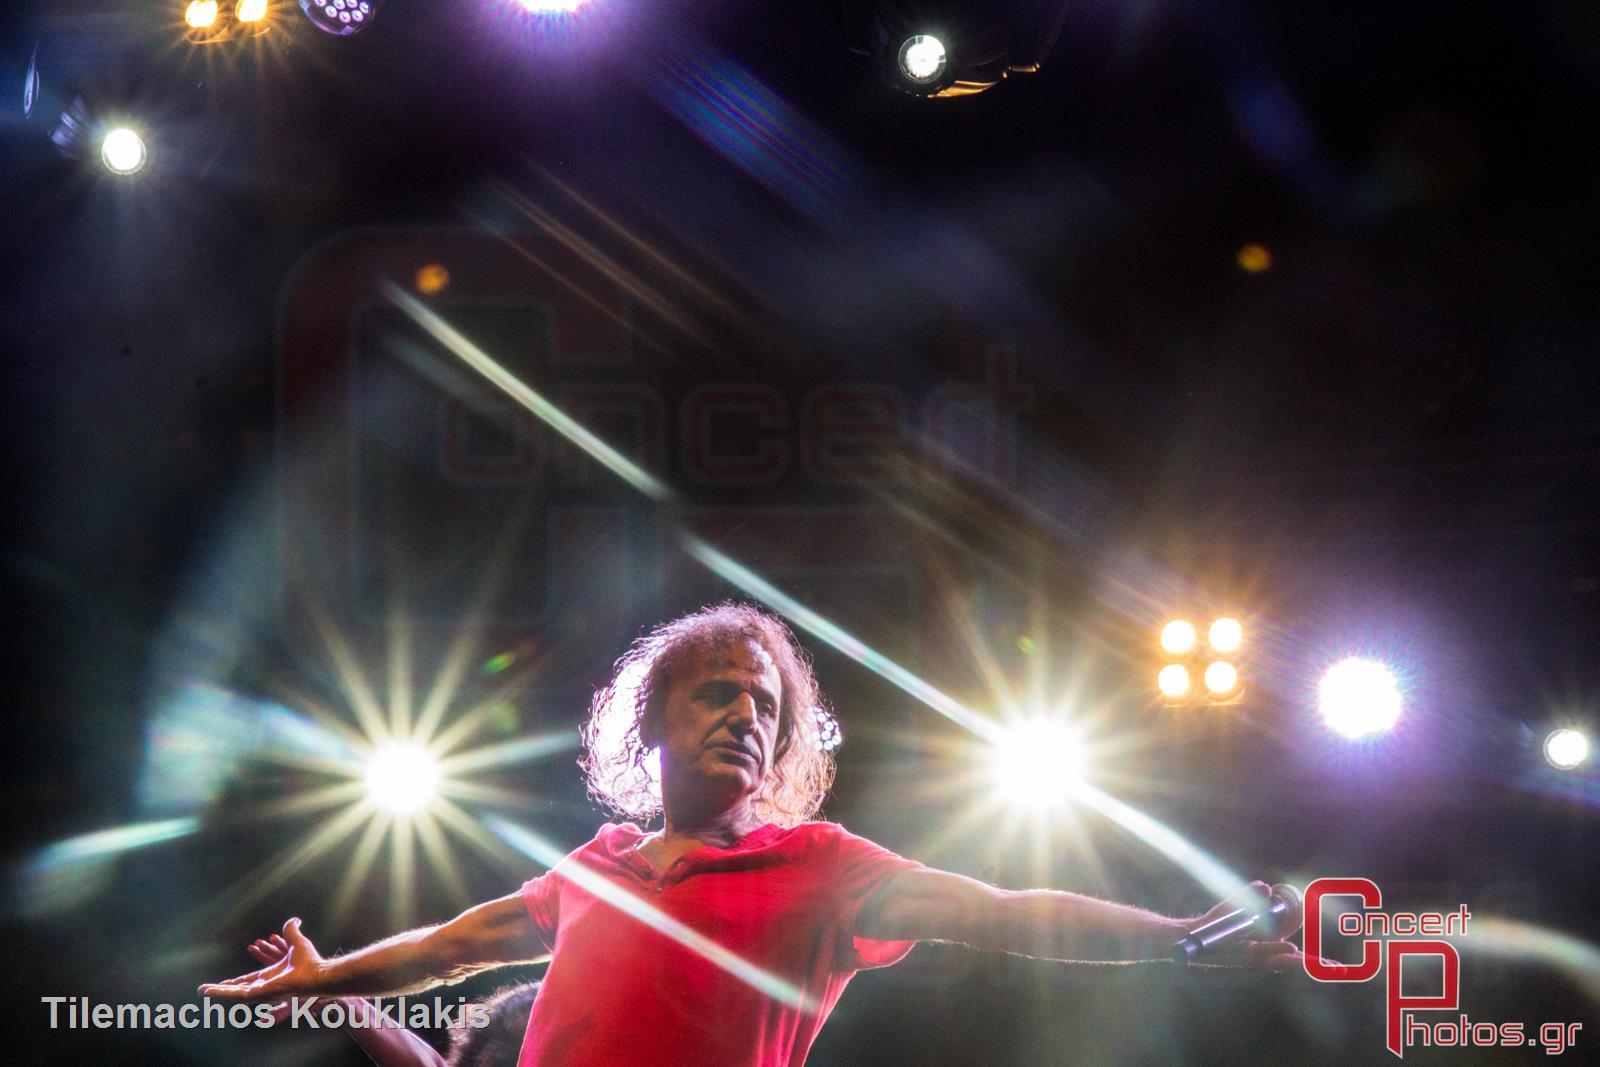 Βασίλης Παπακωνσταντίνου - 40 Χρόνια Έφηβος-Vasilis Papakonstantinou 40 Chronia Efivos photographer: Tilemachos Kouklakis - concertphotos_-5379